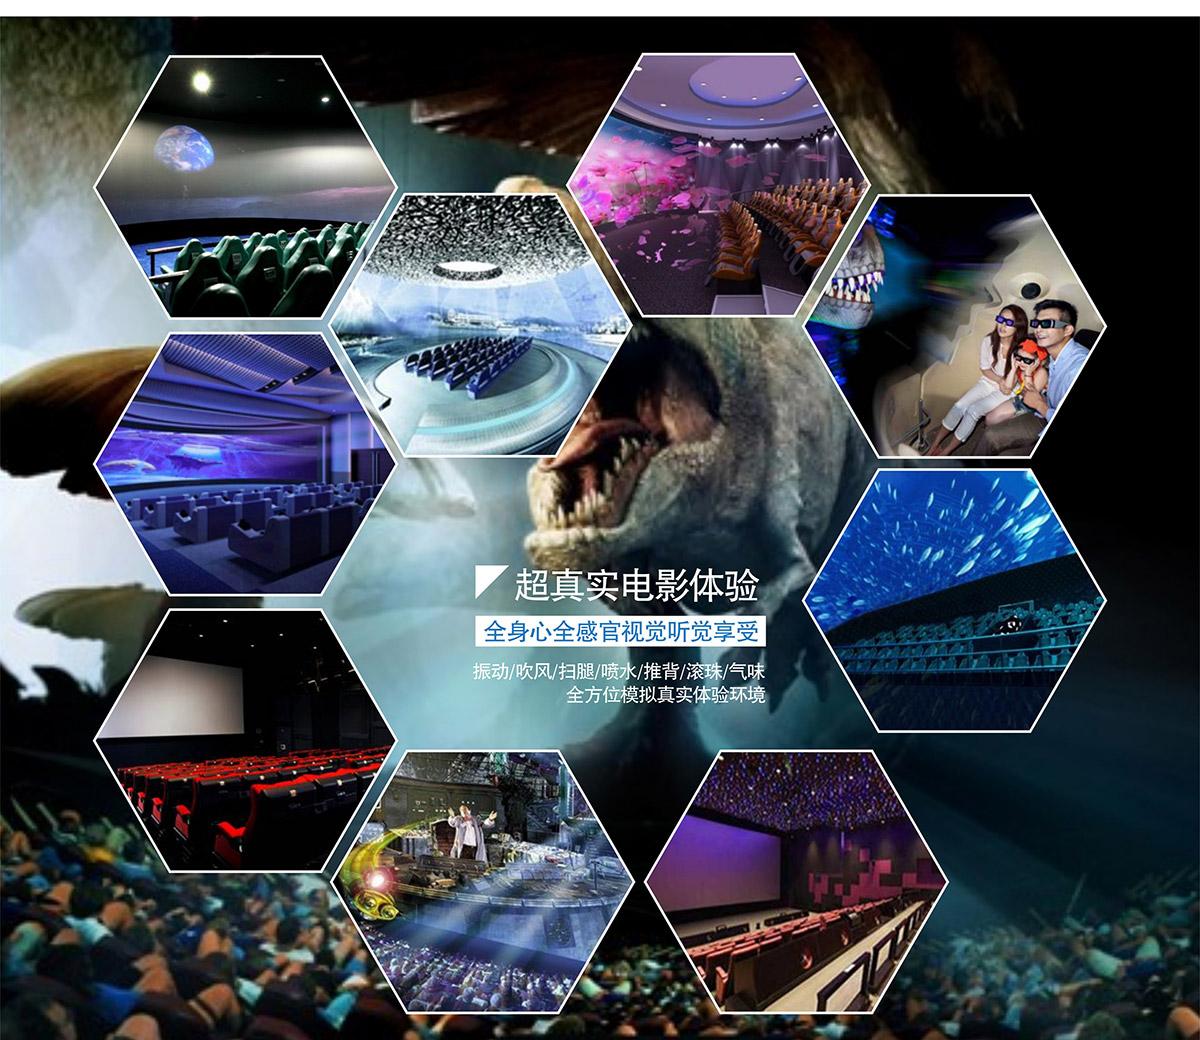 安全体验4D超真实电影体验全身心感官视觉听觉享受.jpg